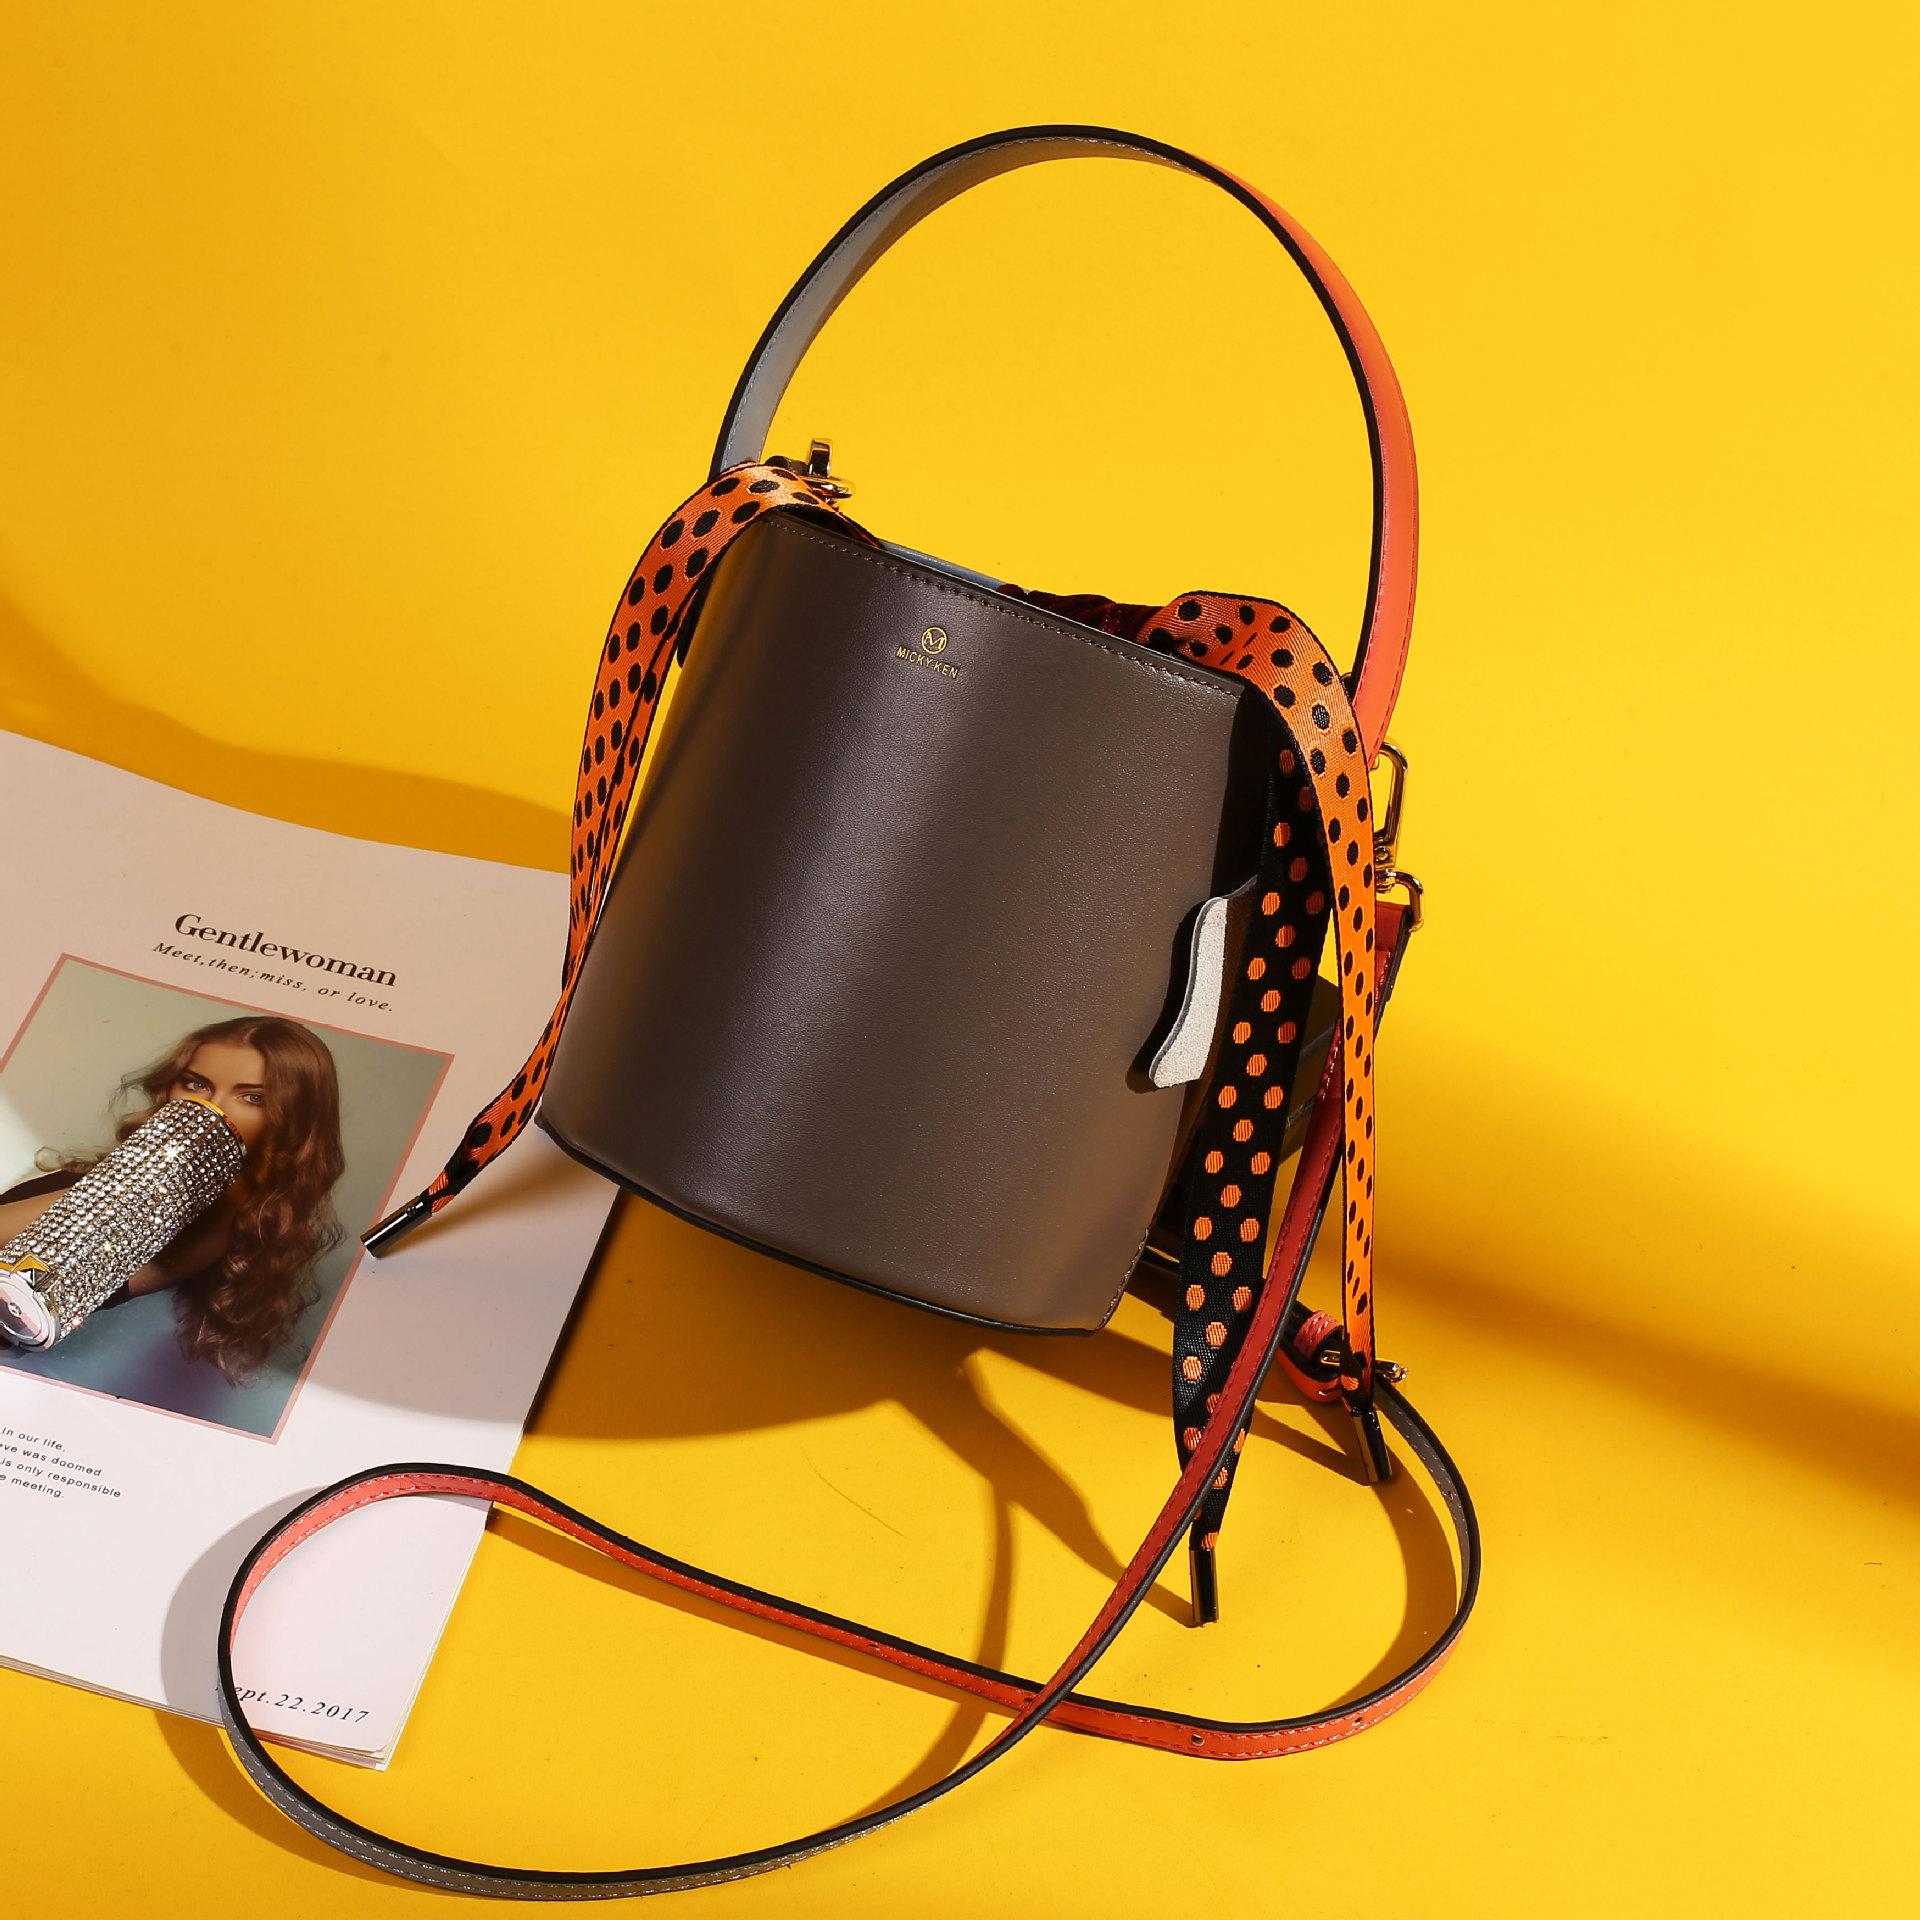 thị trường túi - Vali Niche thiết kế túi xách da xô túi xách nữ 2019 mới đeo vai nữ đeo chéo di động